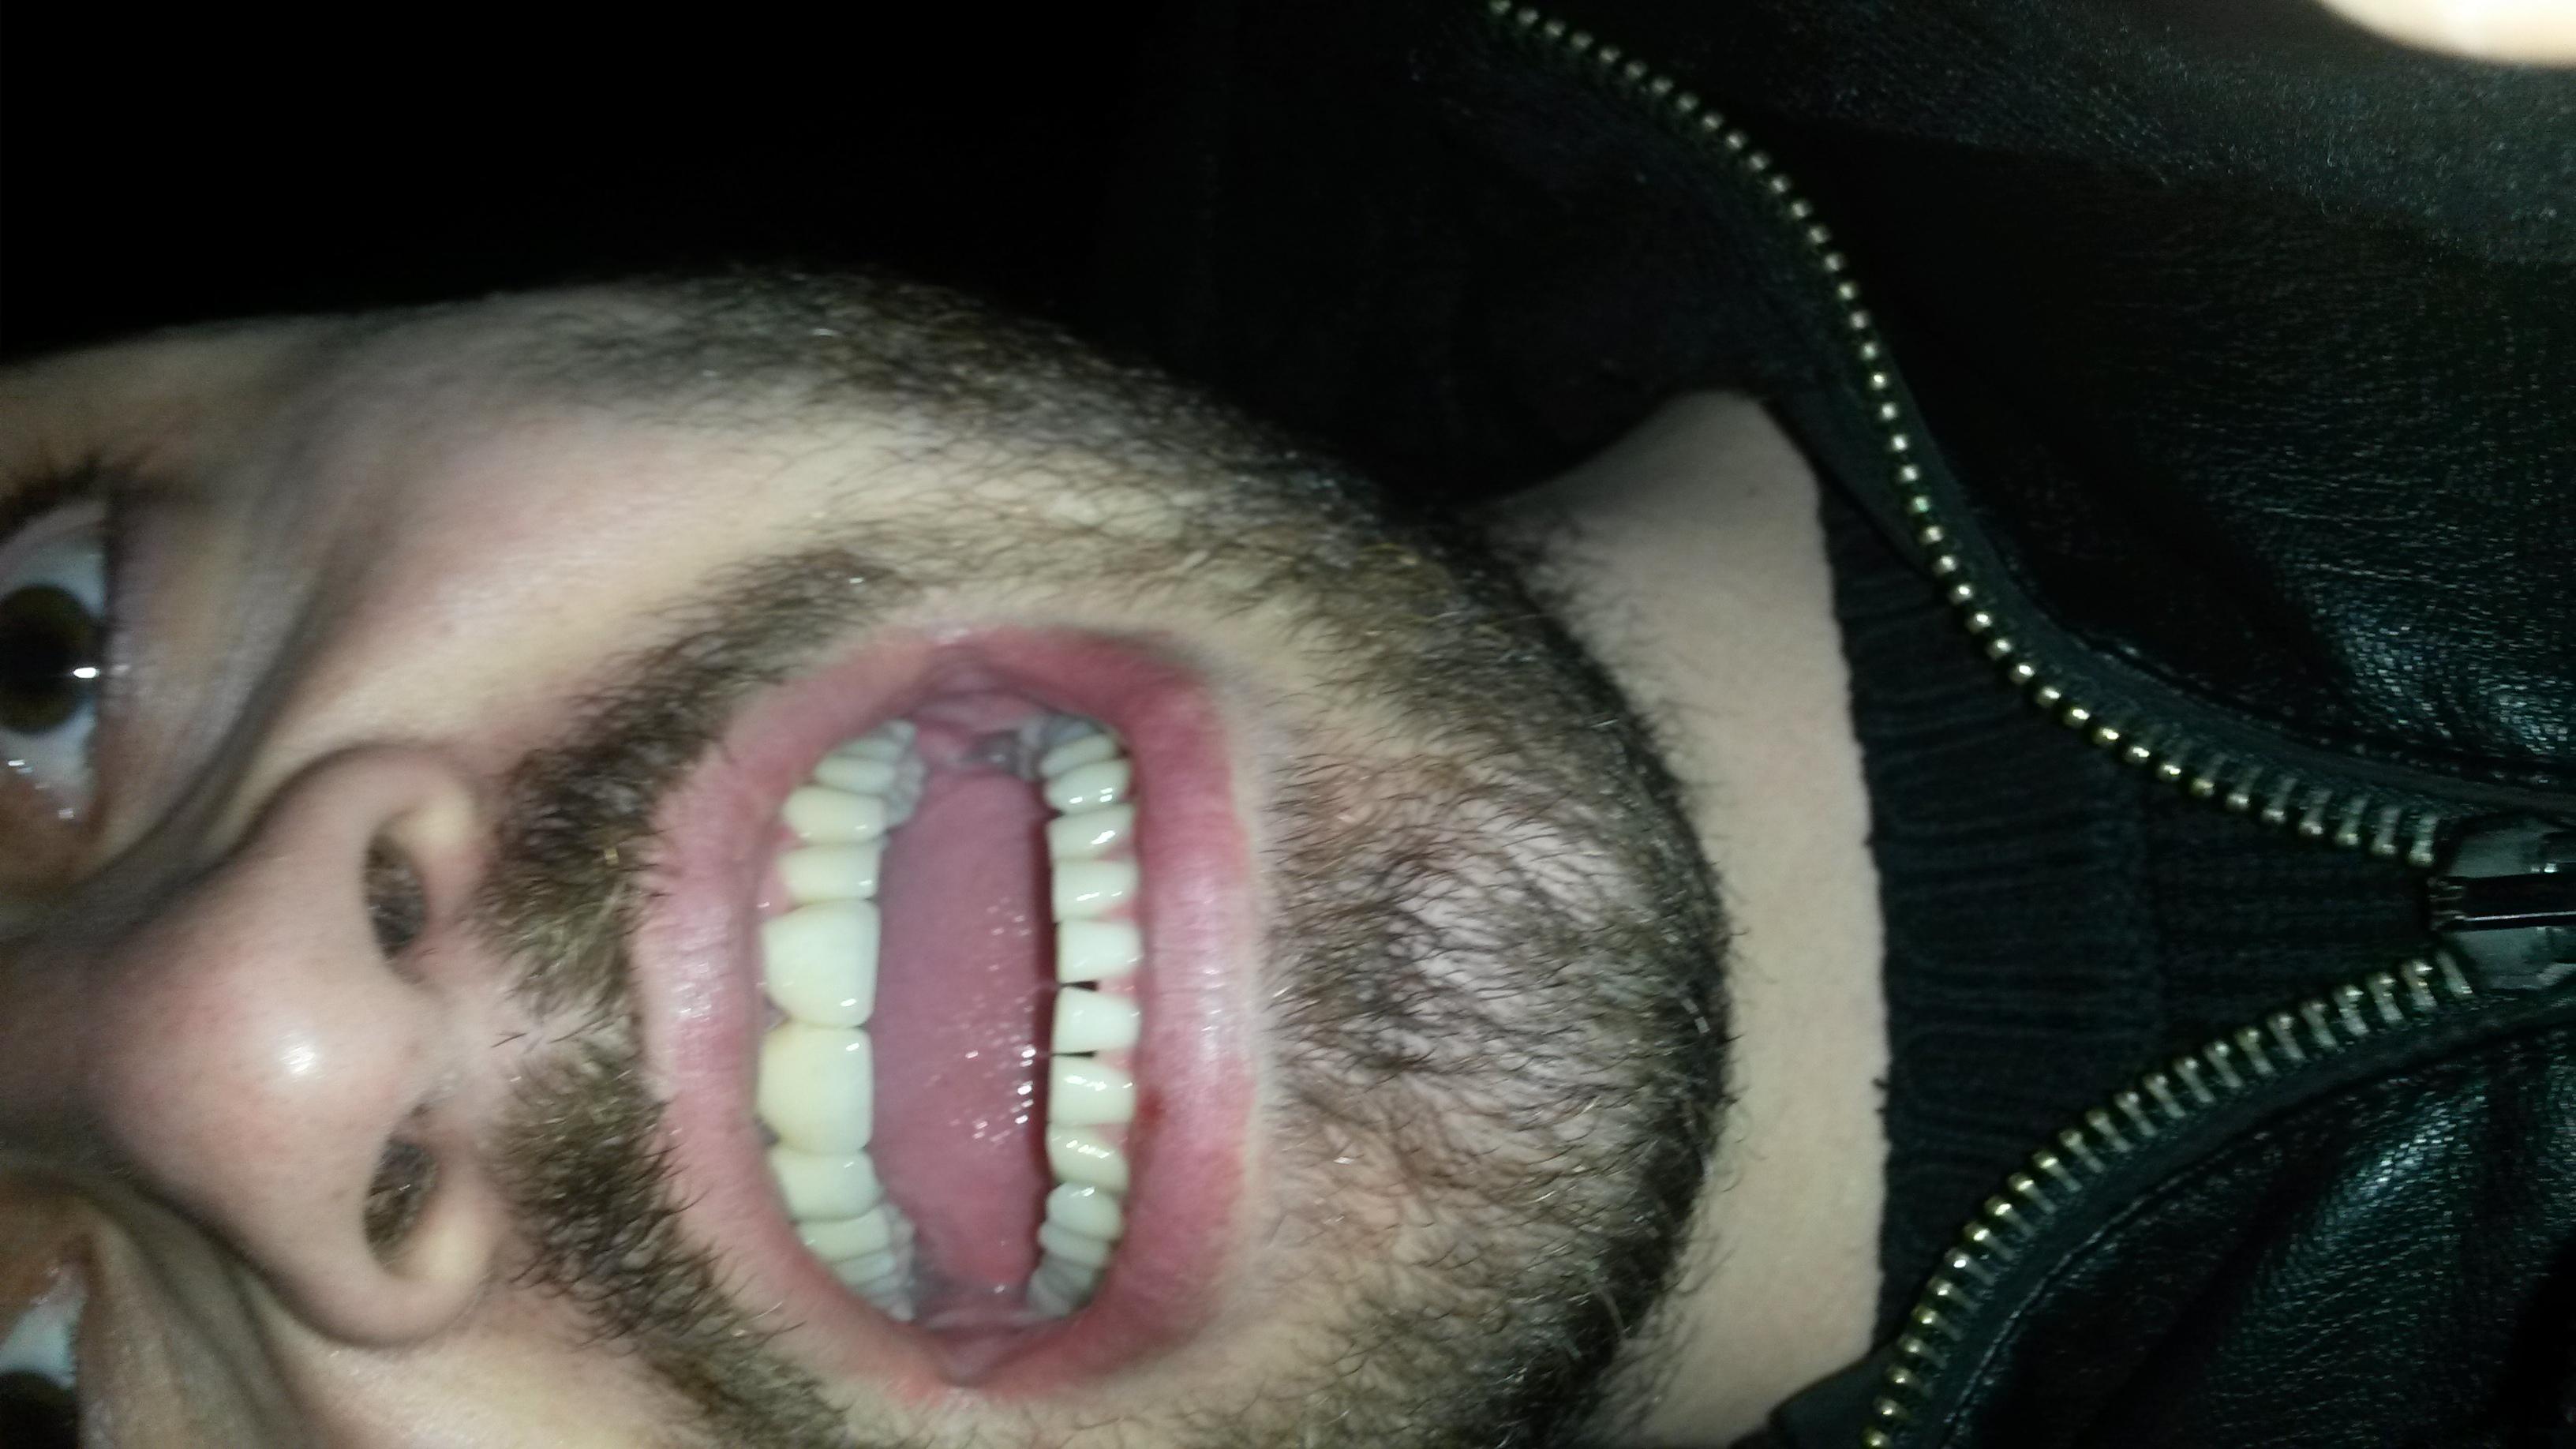 Apparecchio non adatto a denti di piccola dimensione?